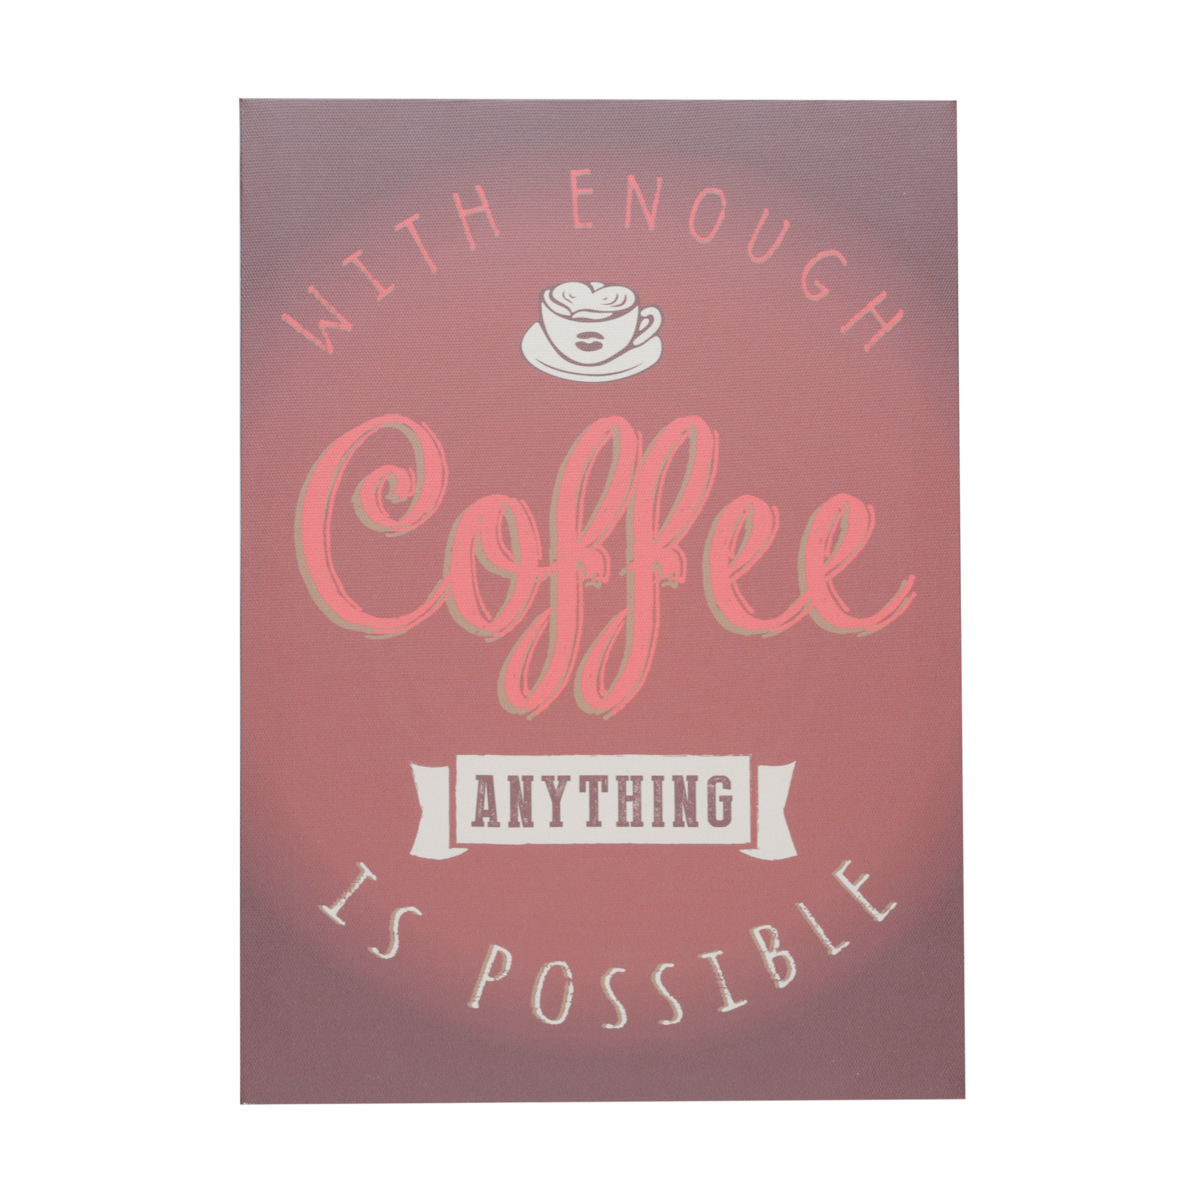 TELA EXPRESSO COFFEE ANYTHING IS POSSIBLE PRETO/BRANCO 35X1,5X25 CM